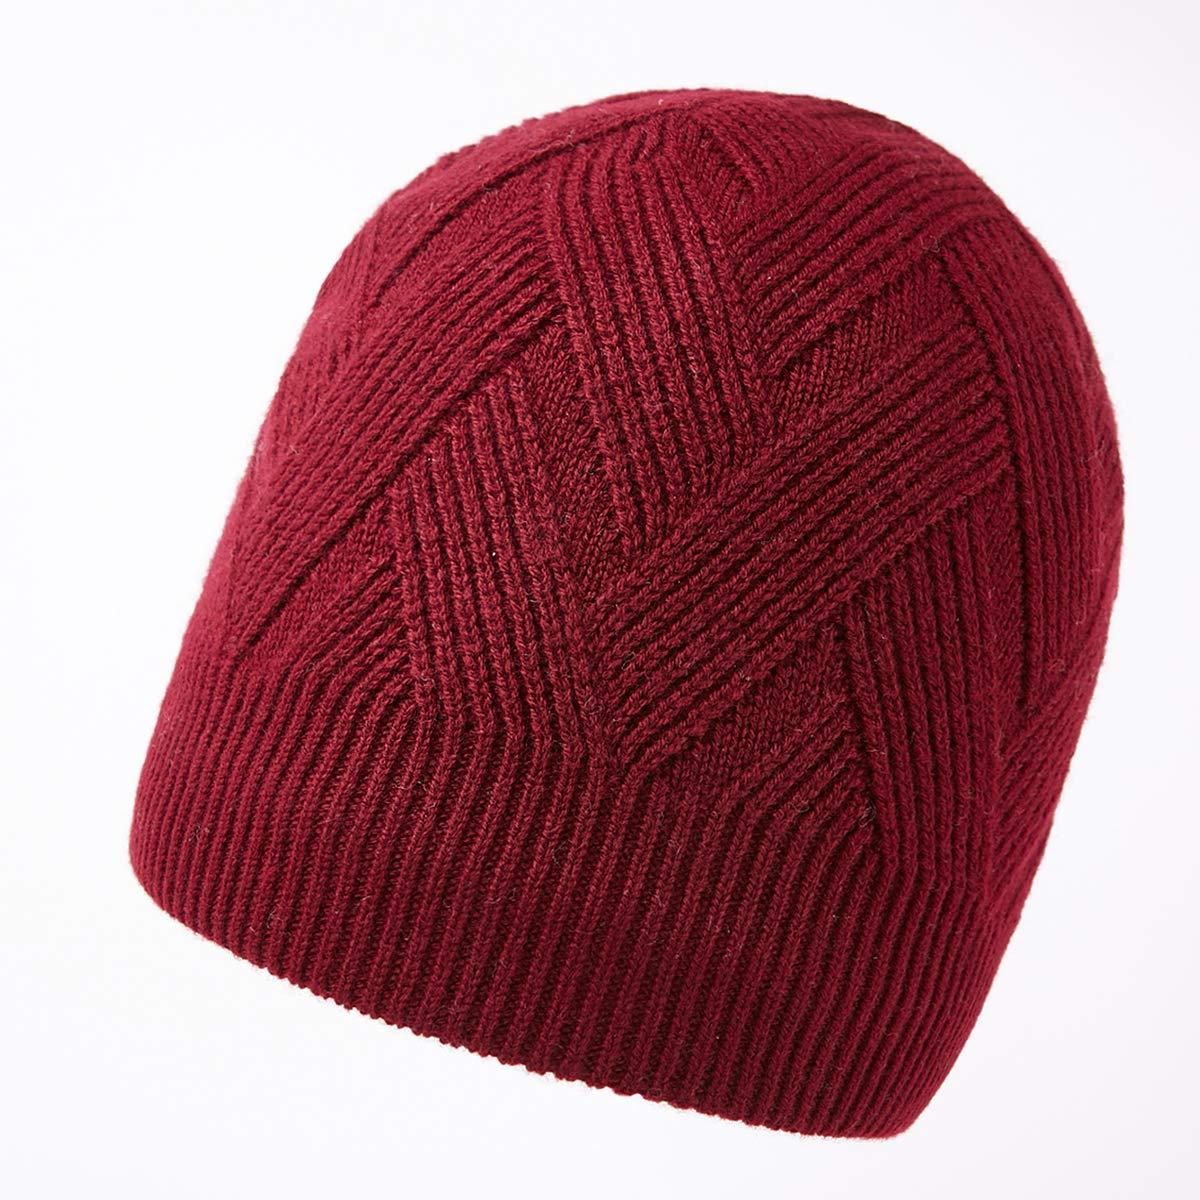 a7f0445cb37e6 RIONA 100% Laine Bonnet Unisexe Hiver Chapeau tricoté Homme Beanie Hats  Hiver Chapeau Wool Beanie pour Homme Taille Unique: Amazon.fr: Vêtements et  ...